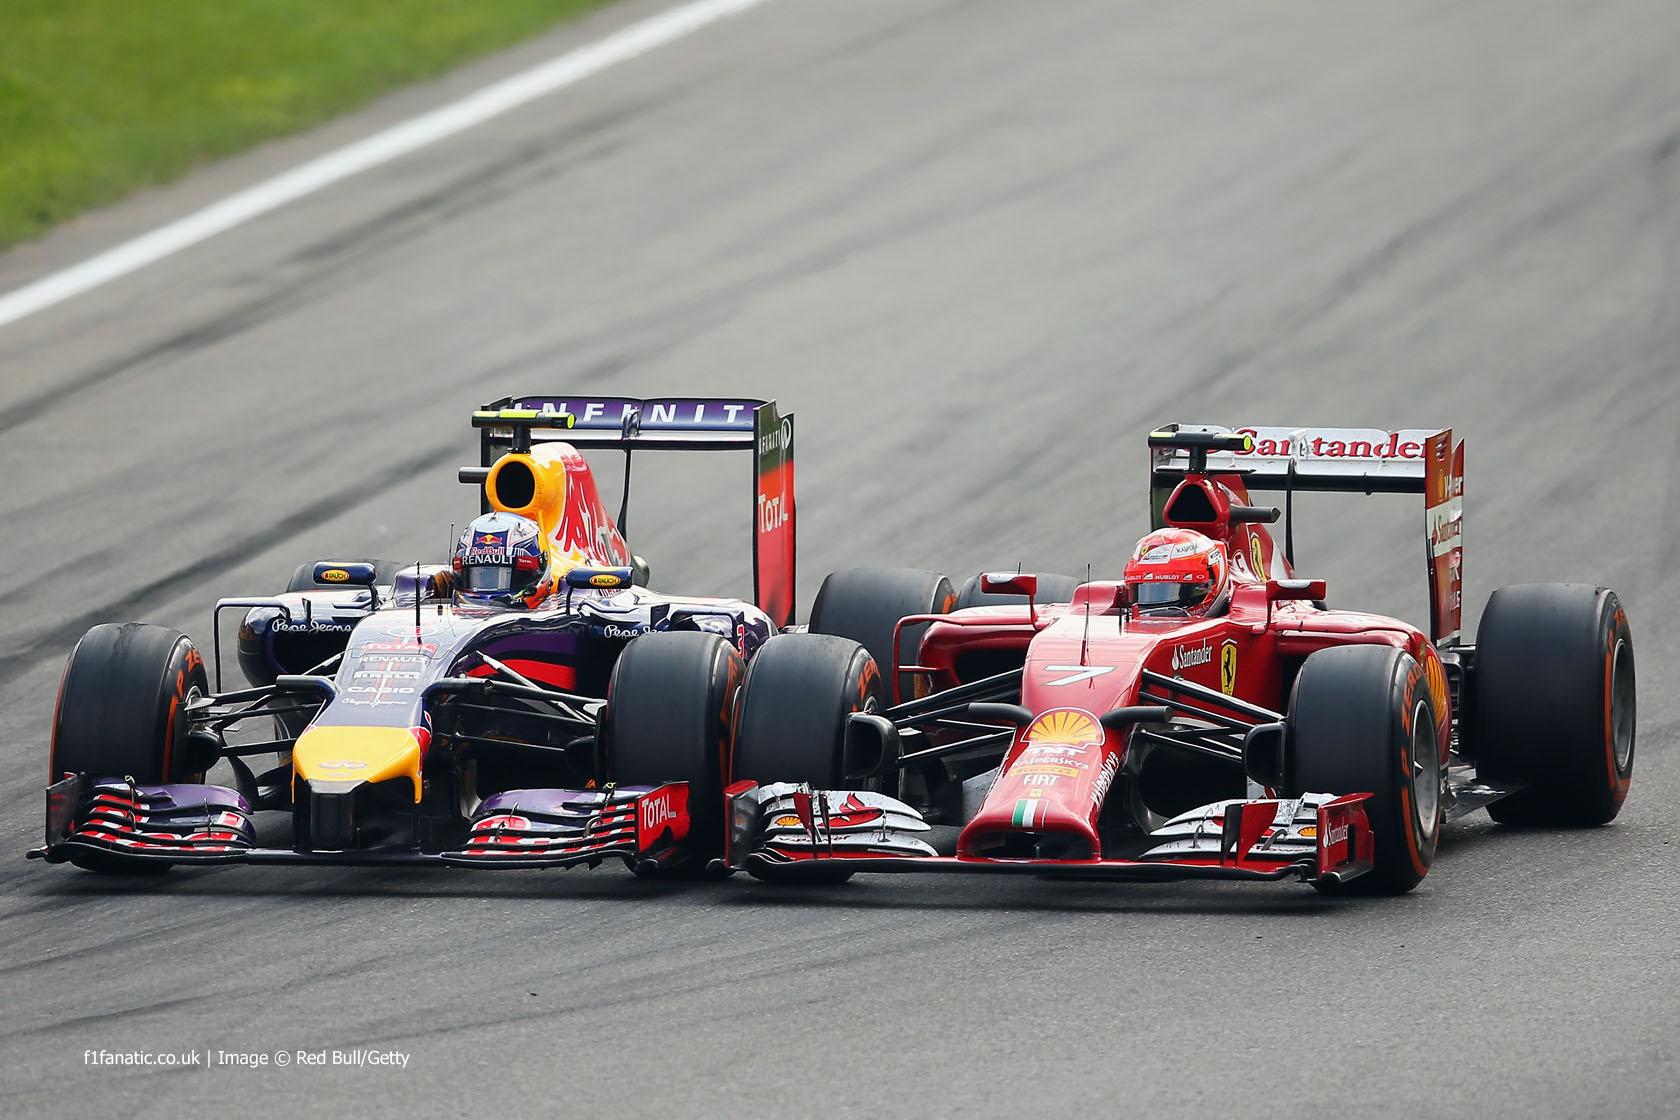 2014 Italian Grand Prix In Pictures 183 F1 Fanatic